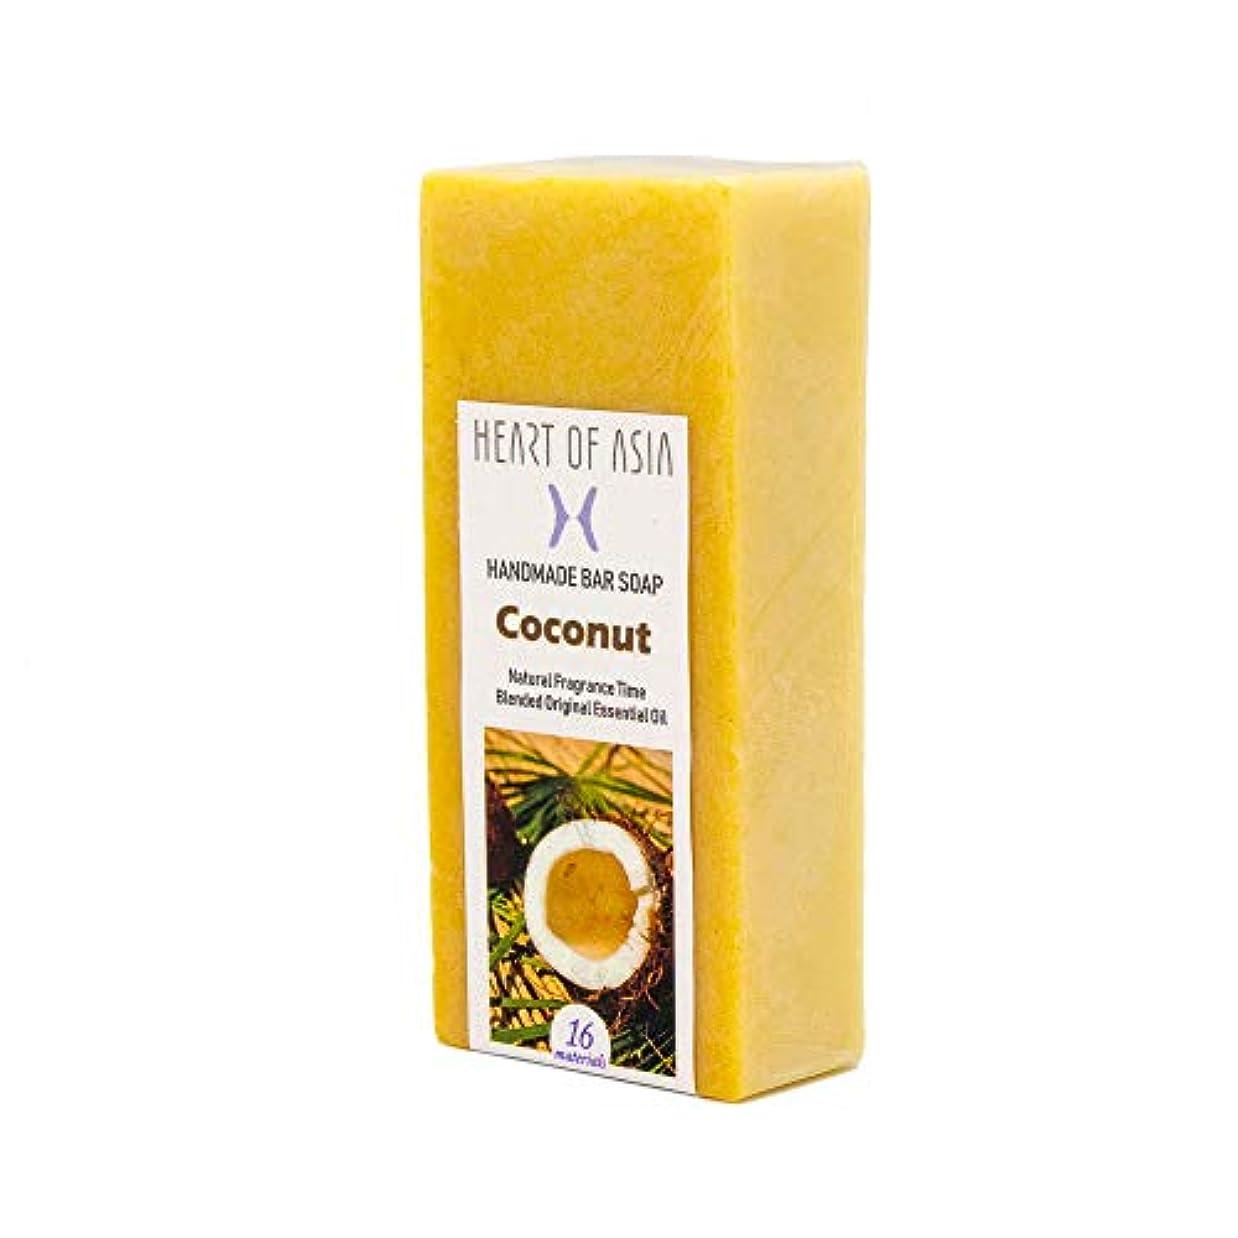 香水のようなフレグランス石けん HANDMADE BAR SOAP ~Coconut ~ (単品)